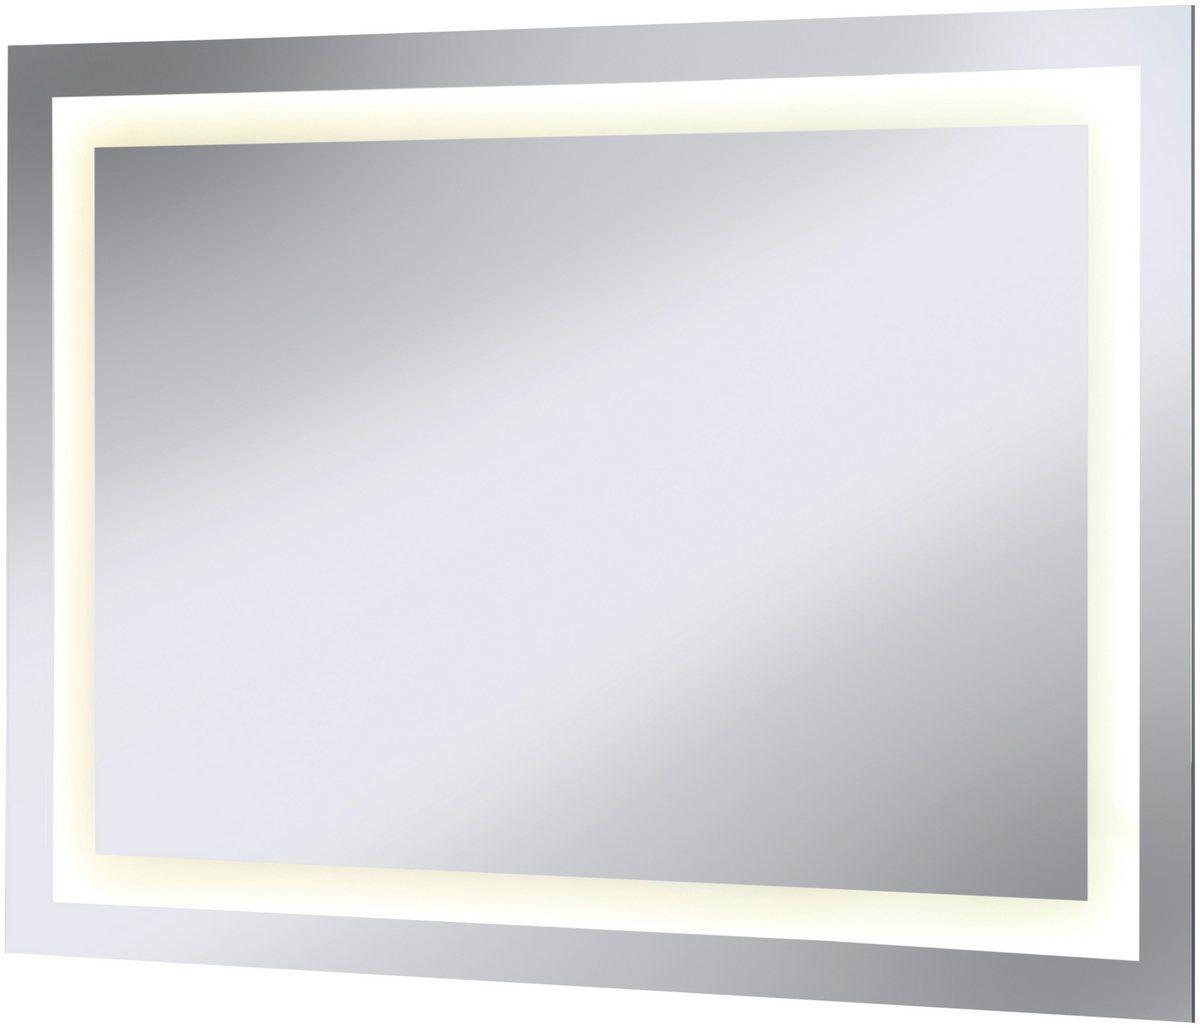 Welltime Badspiegel Miami Led Spiegel 100 X 70 Cm Mit Schalter Online Kaufen Led Spiegel Badspiegel Led